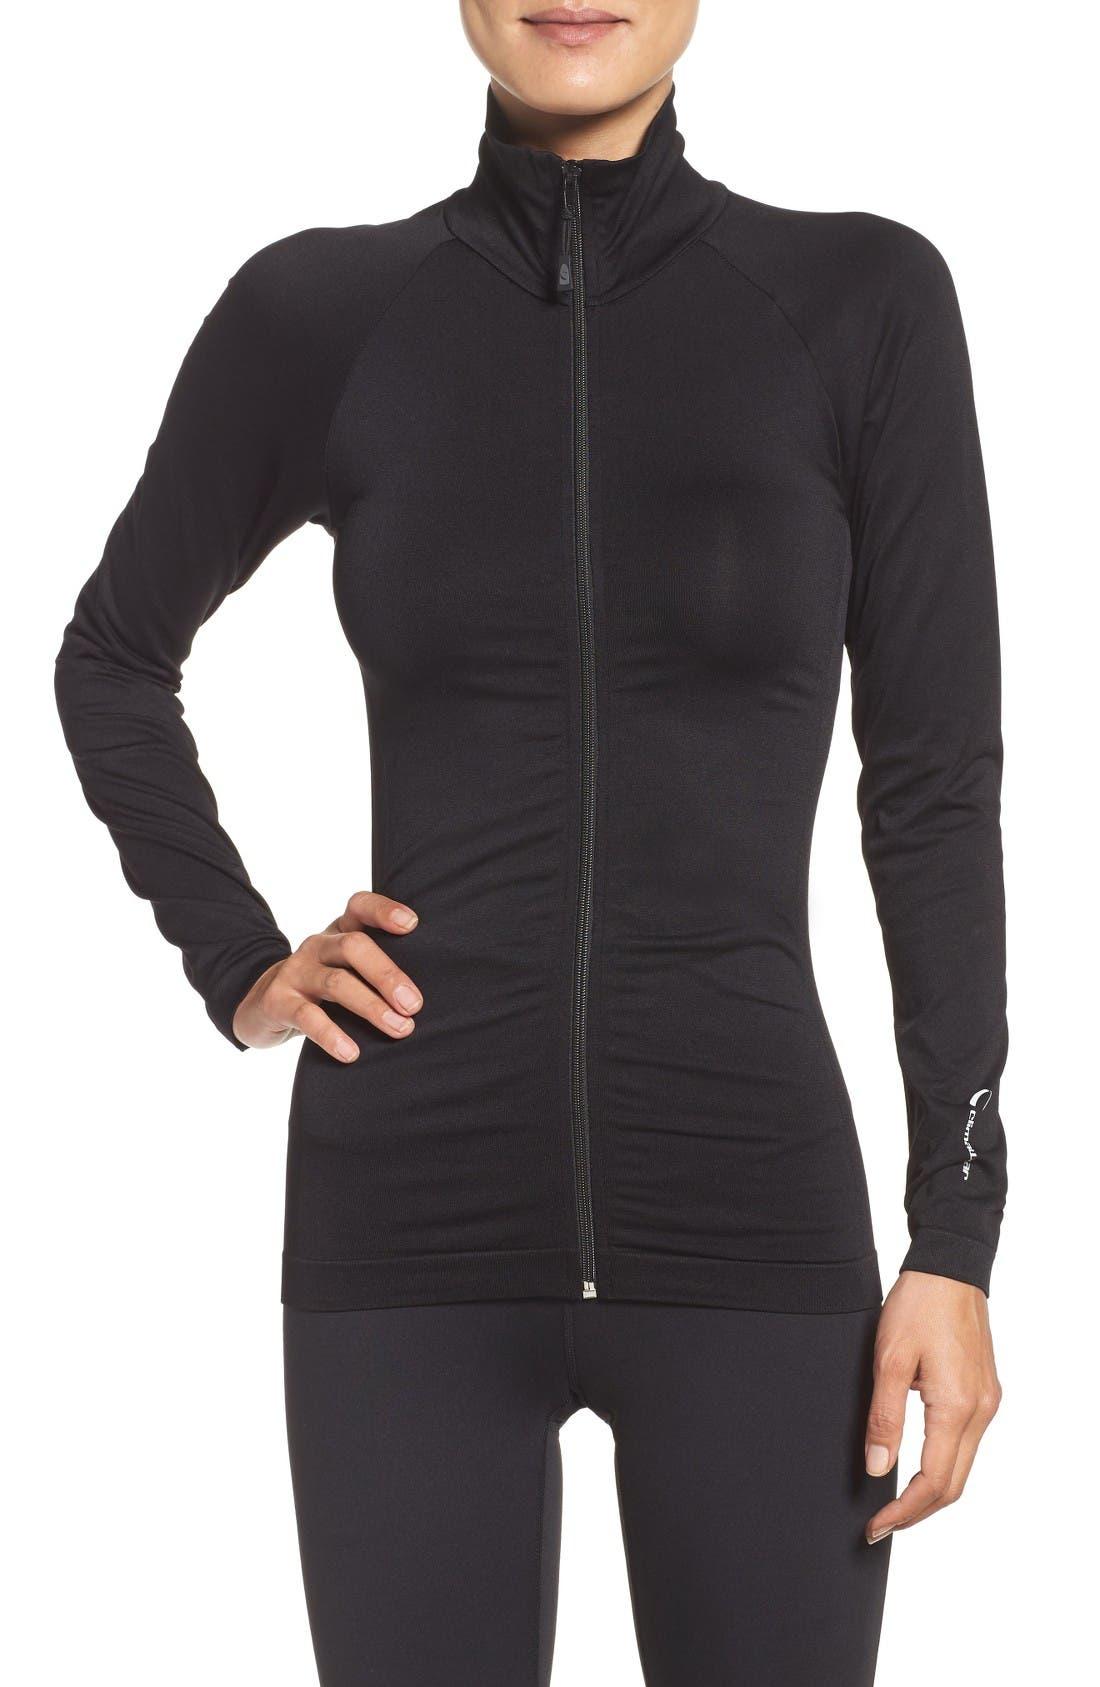 Finish Line Jacket,                         Main,                         color, Solid Black